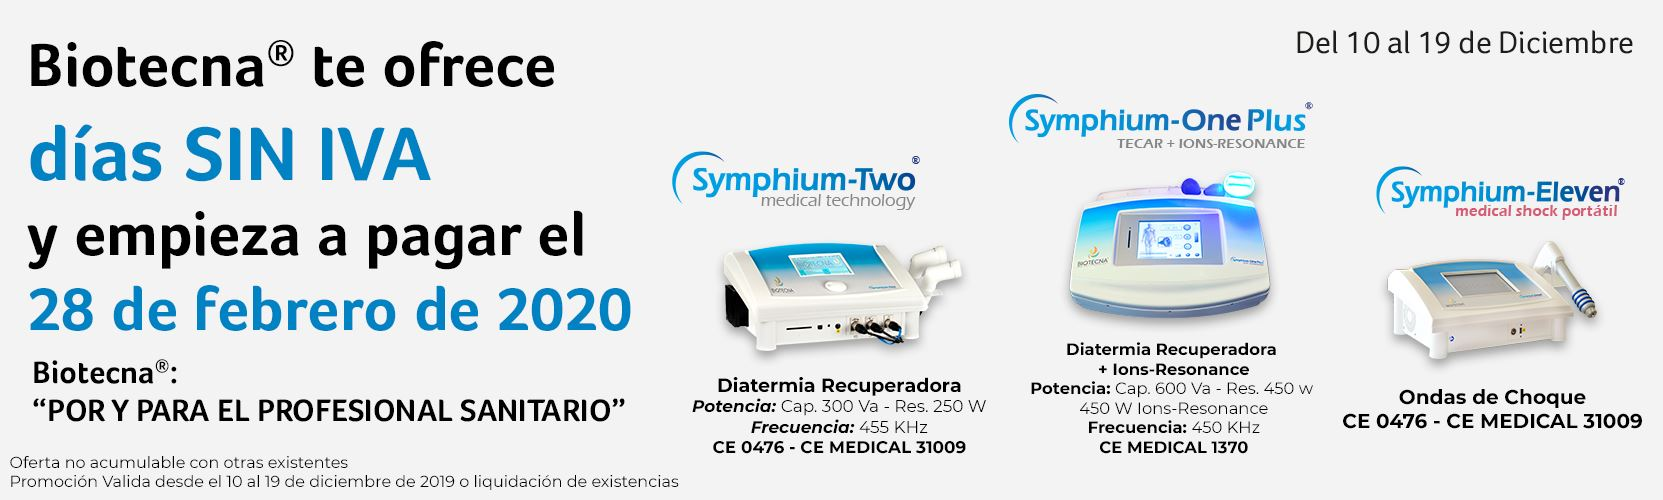 Biotecna-Promoción-Días-Sin-Iva-y-empieza-a-pagar-2020